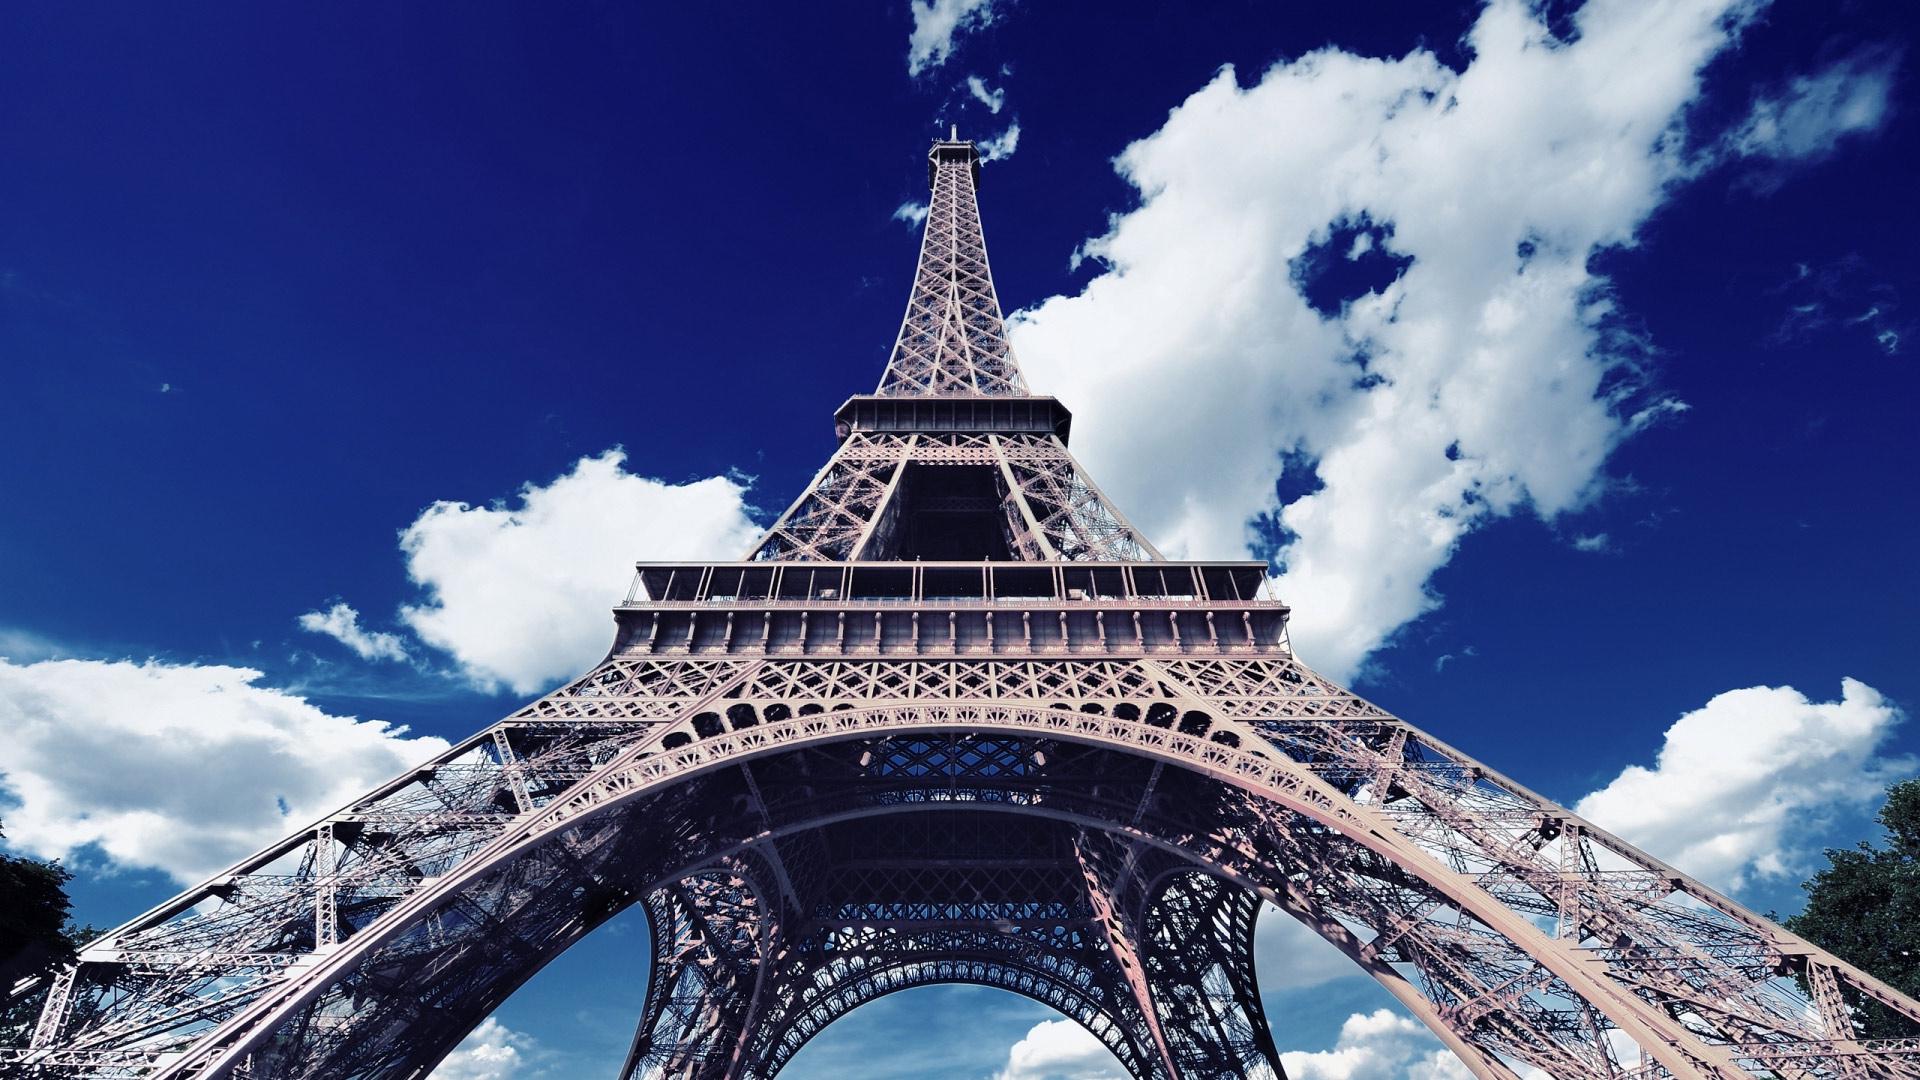 Эйфелева башня - очень красивые и удивительные картинки 10